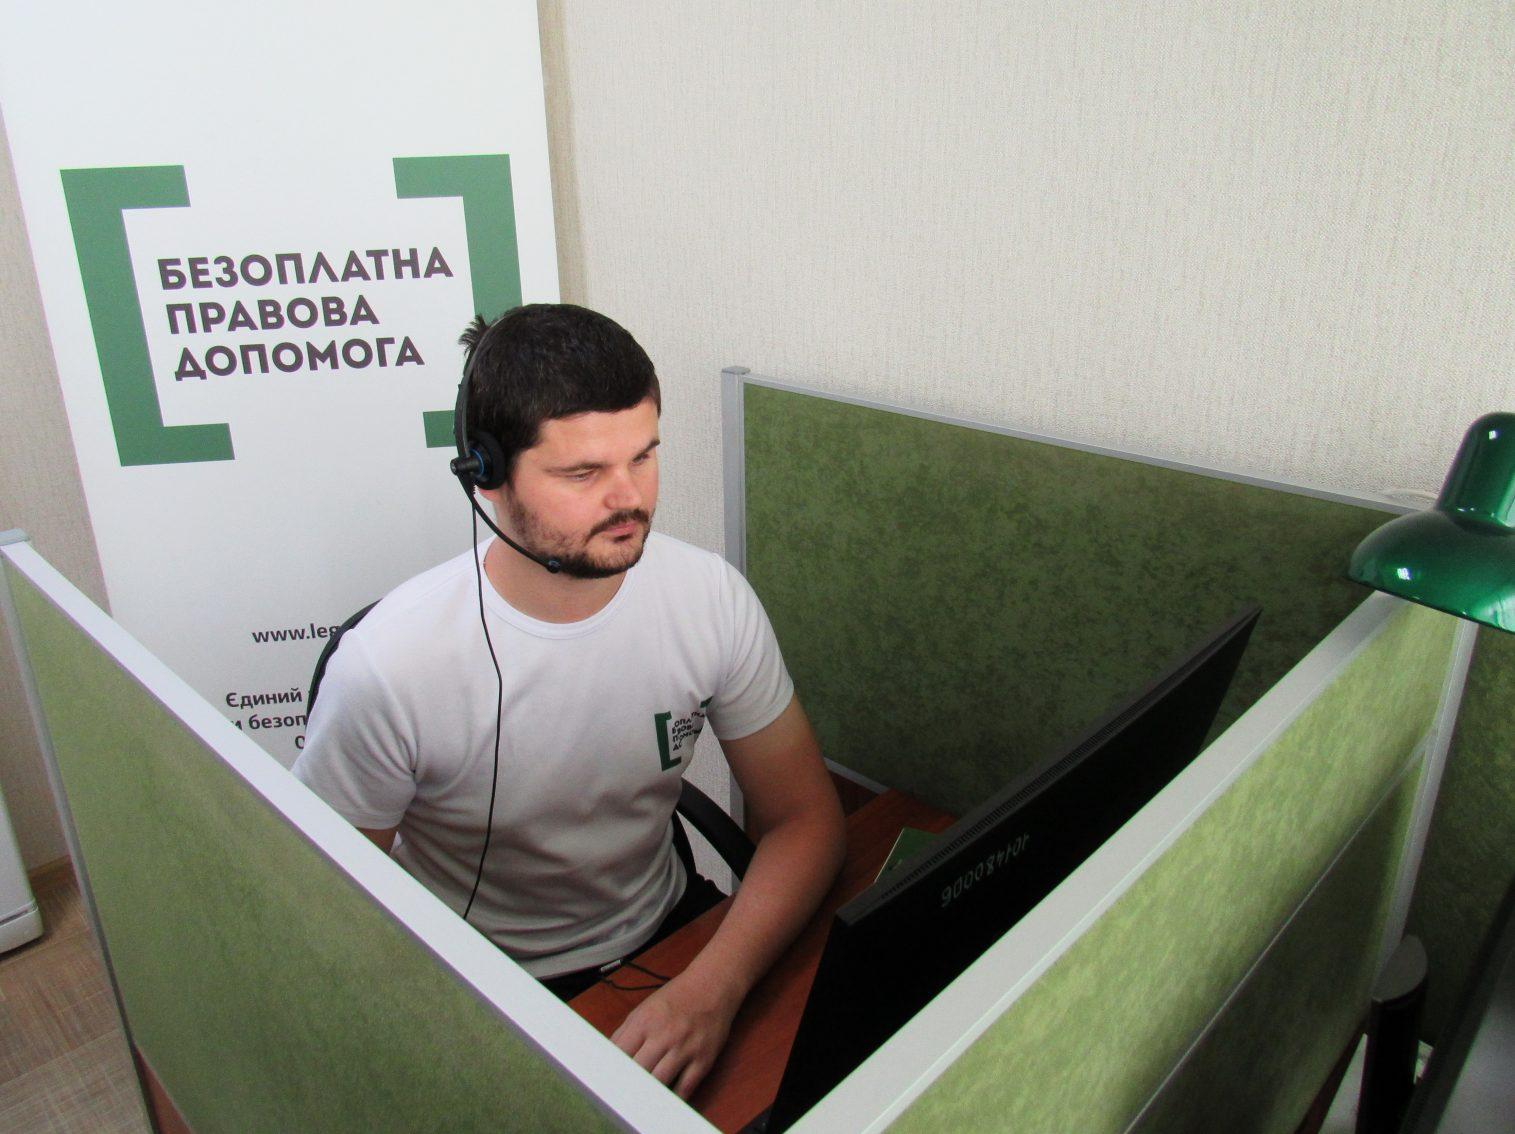 https://www.legalaid.gov.ua/wp-content/uploads/2020/07/doroshenko-2-1515x1134.jpg